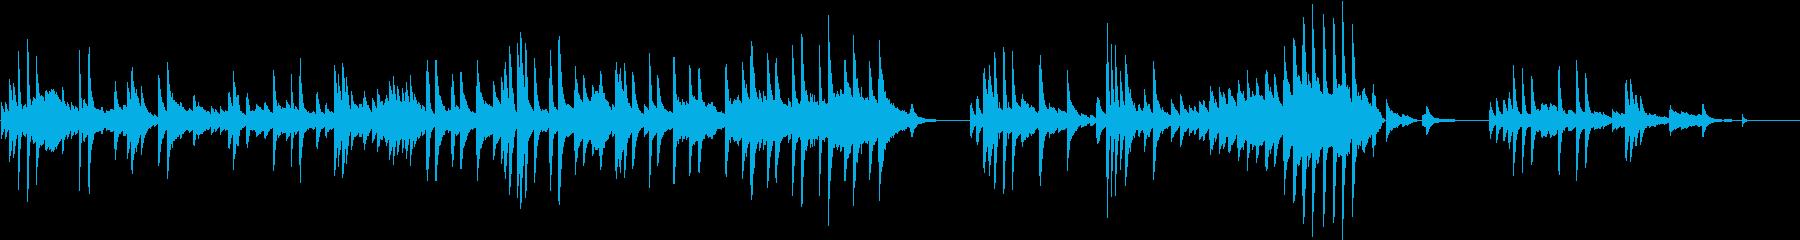 あたたかな始まりをイメージしたピアノ曲の再生済みの波形